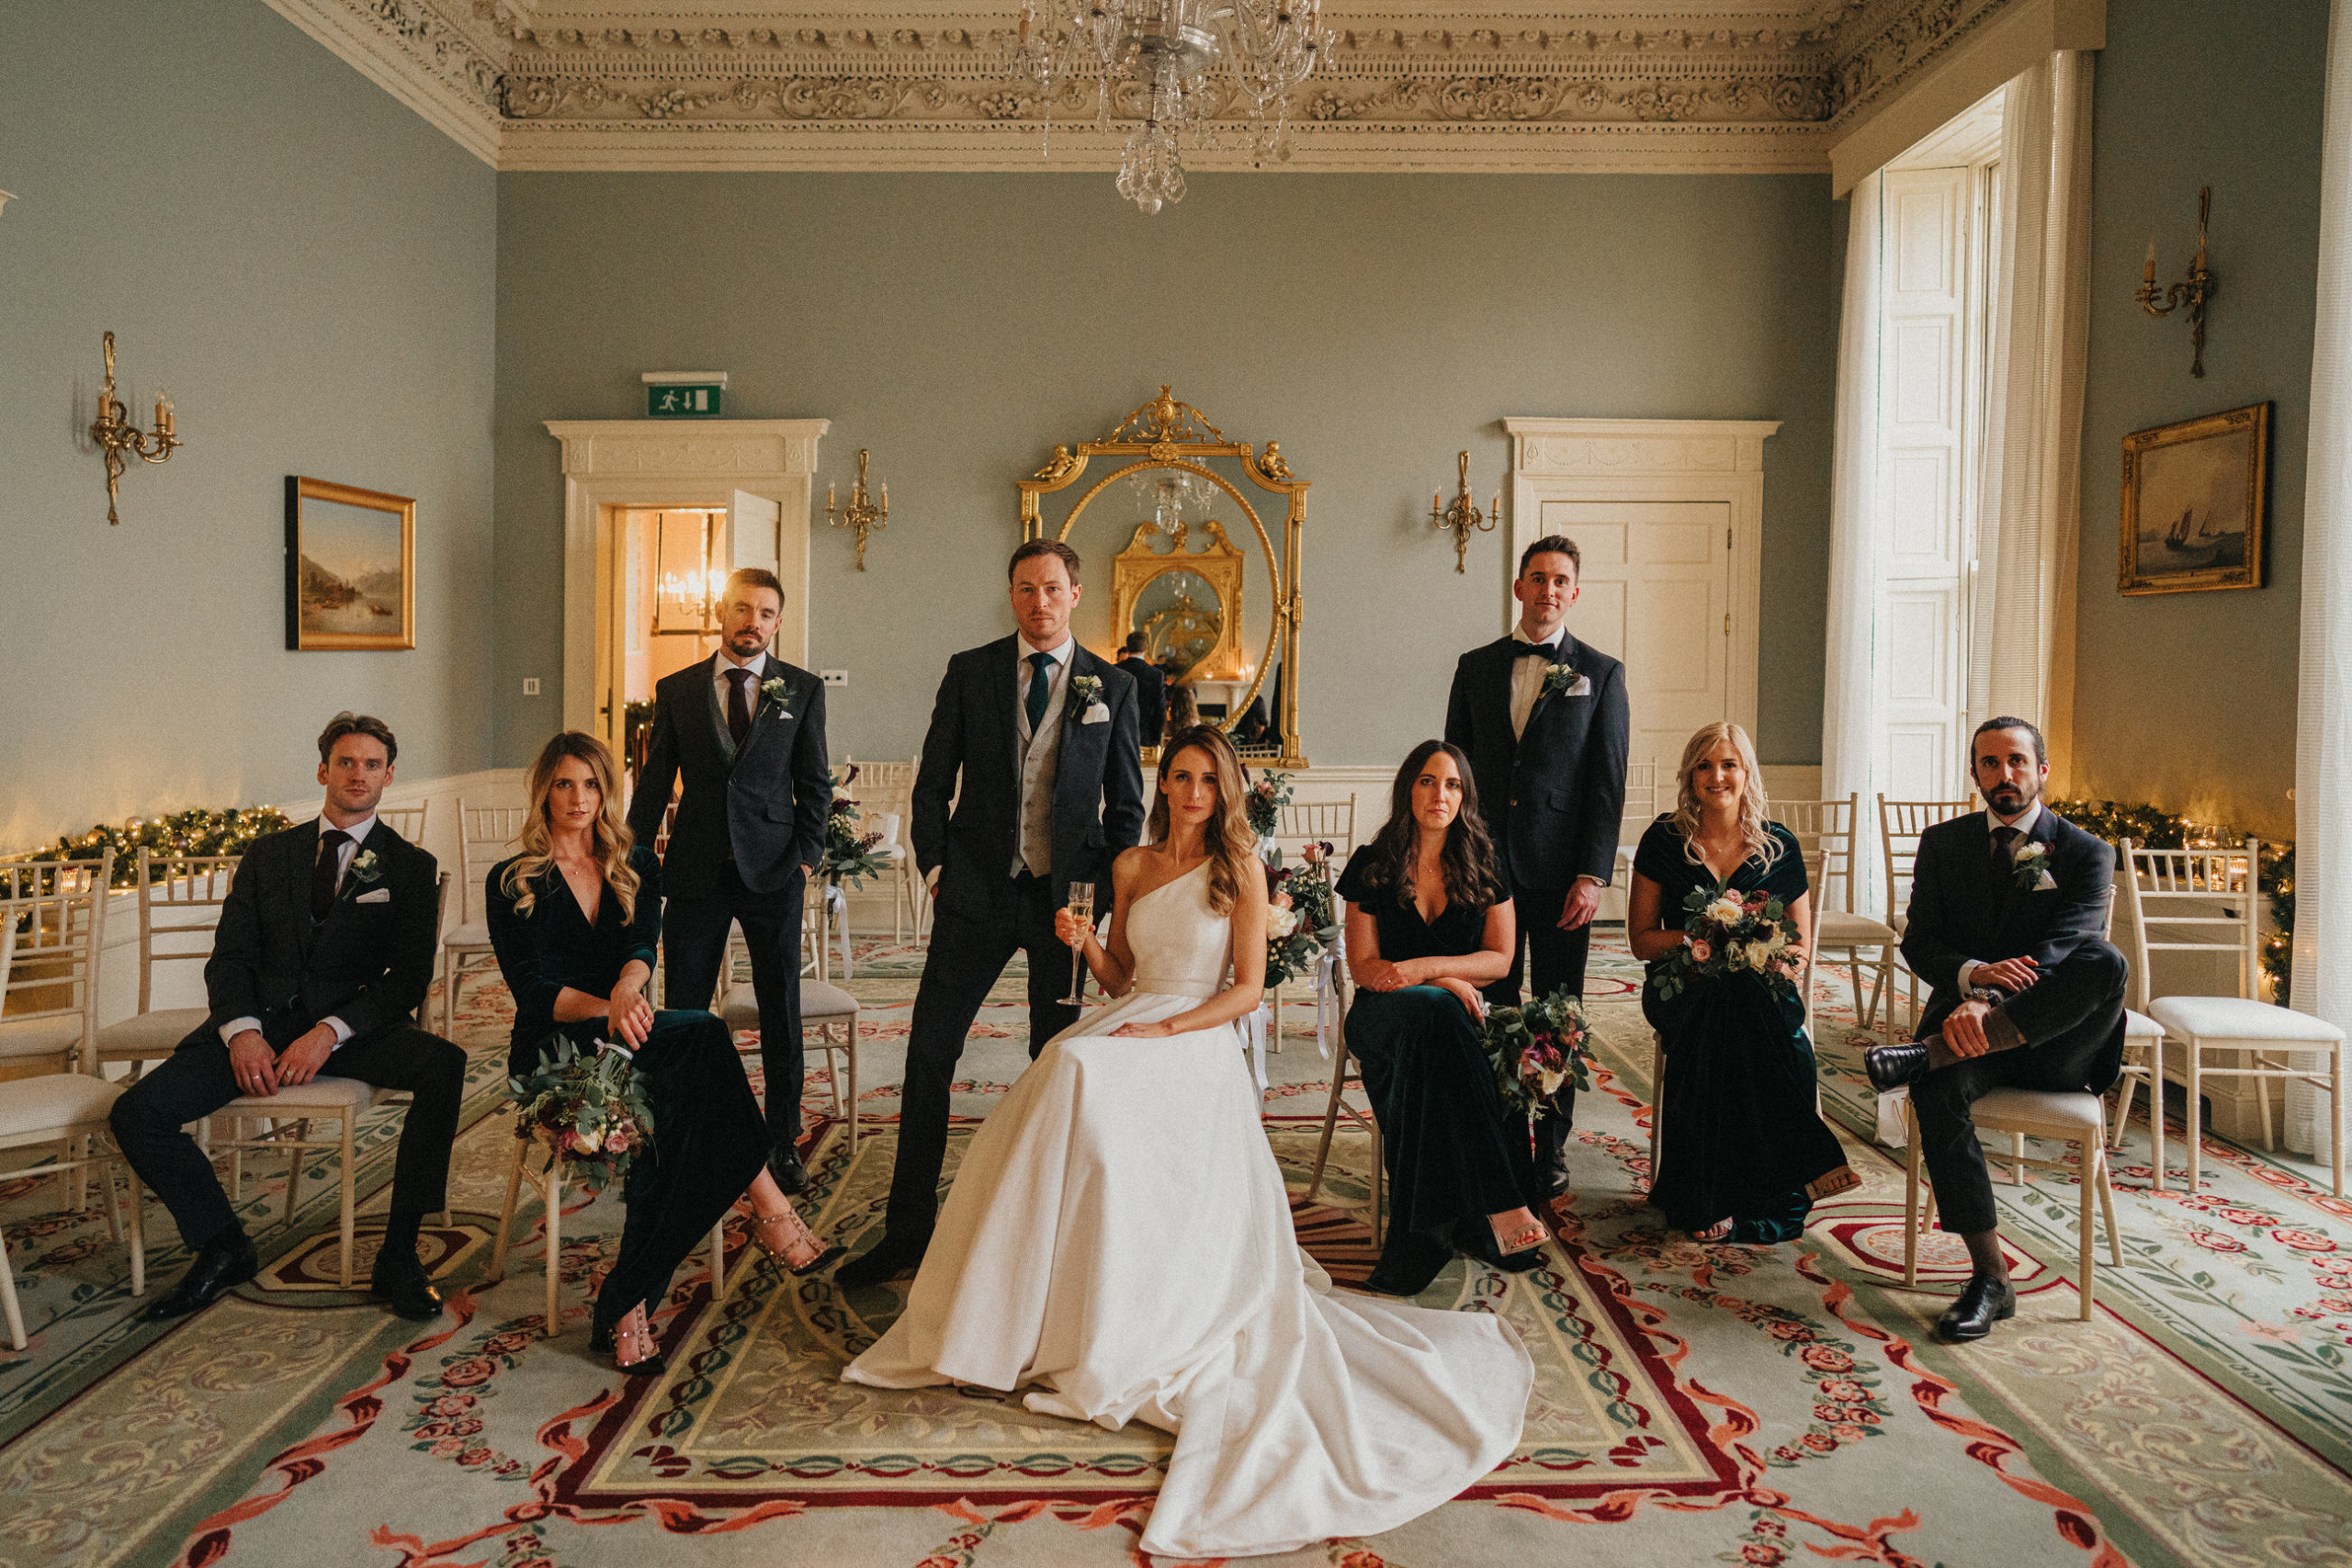 Wedding-photographer-Dublin-Pawel-Bebenca 112